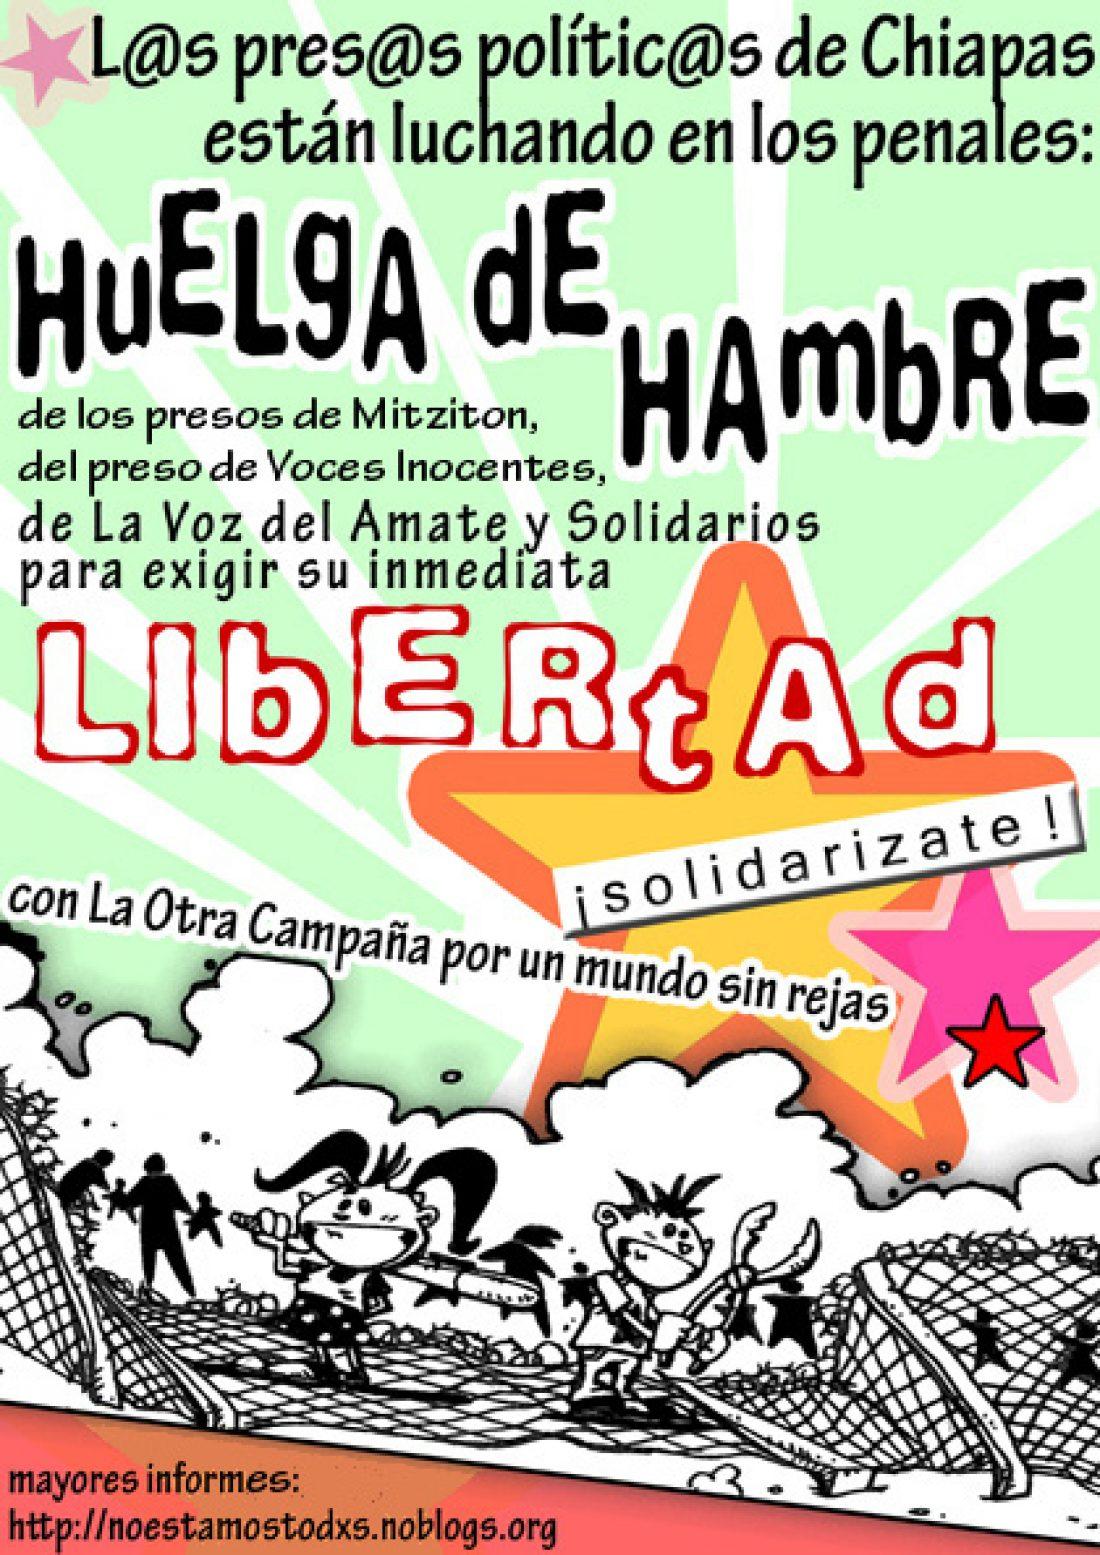 CGT organiza acciones locales en apoyo a la huelga de hambre de los presos polític@s de Chiapas